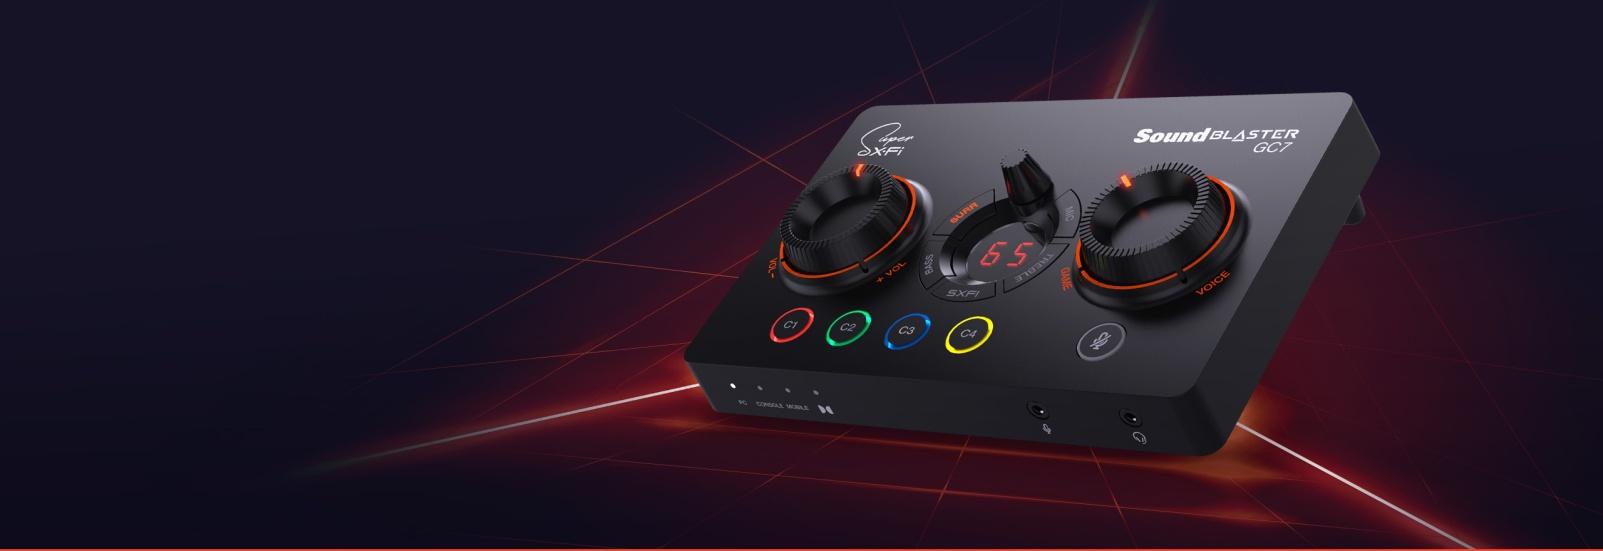 new -Sound-Blaster-GC7